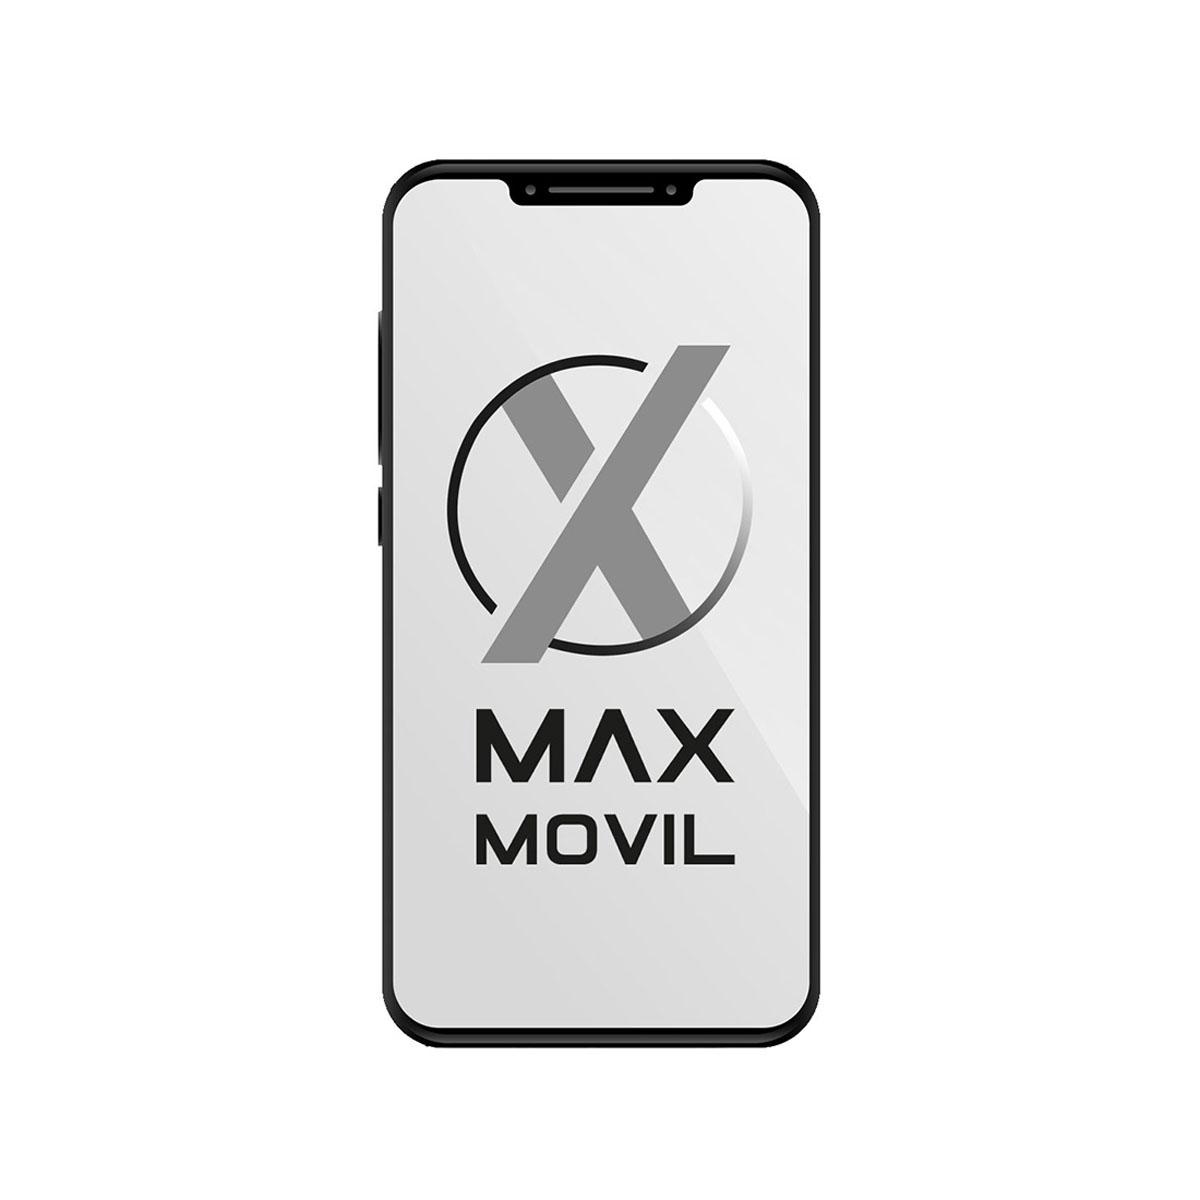 Sony Xperia XA Ultra 3GB/16GB Blanco Dual SIM F3212